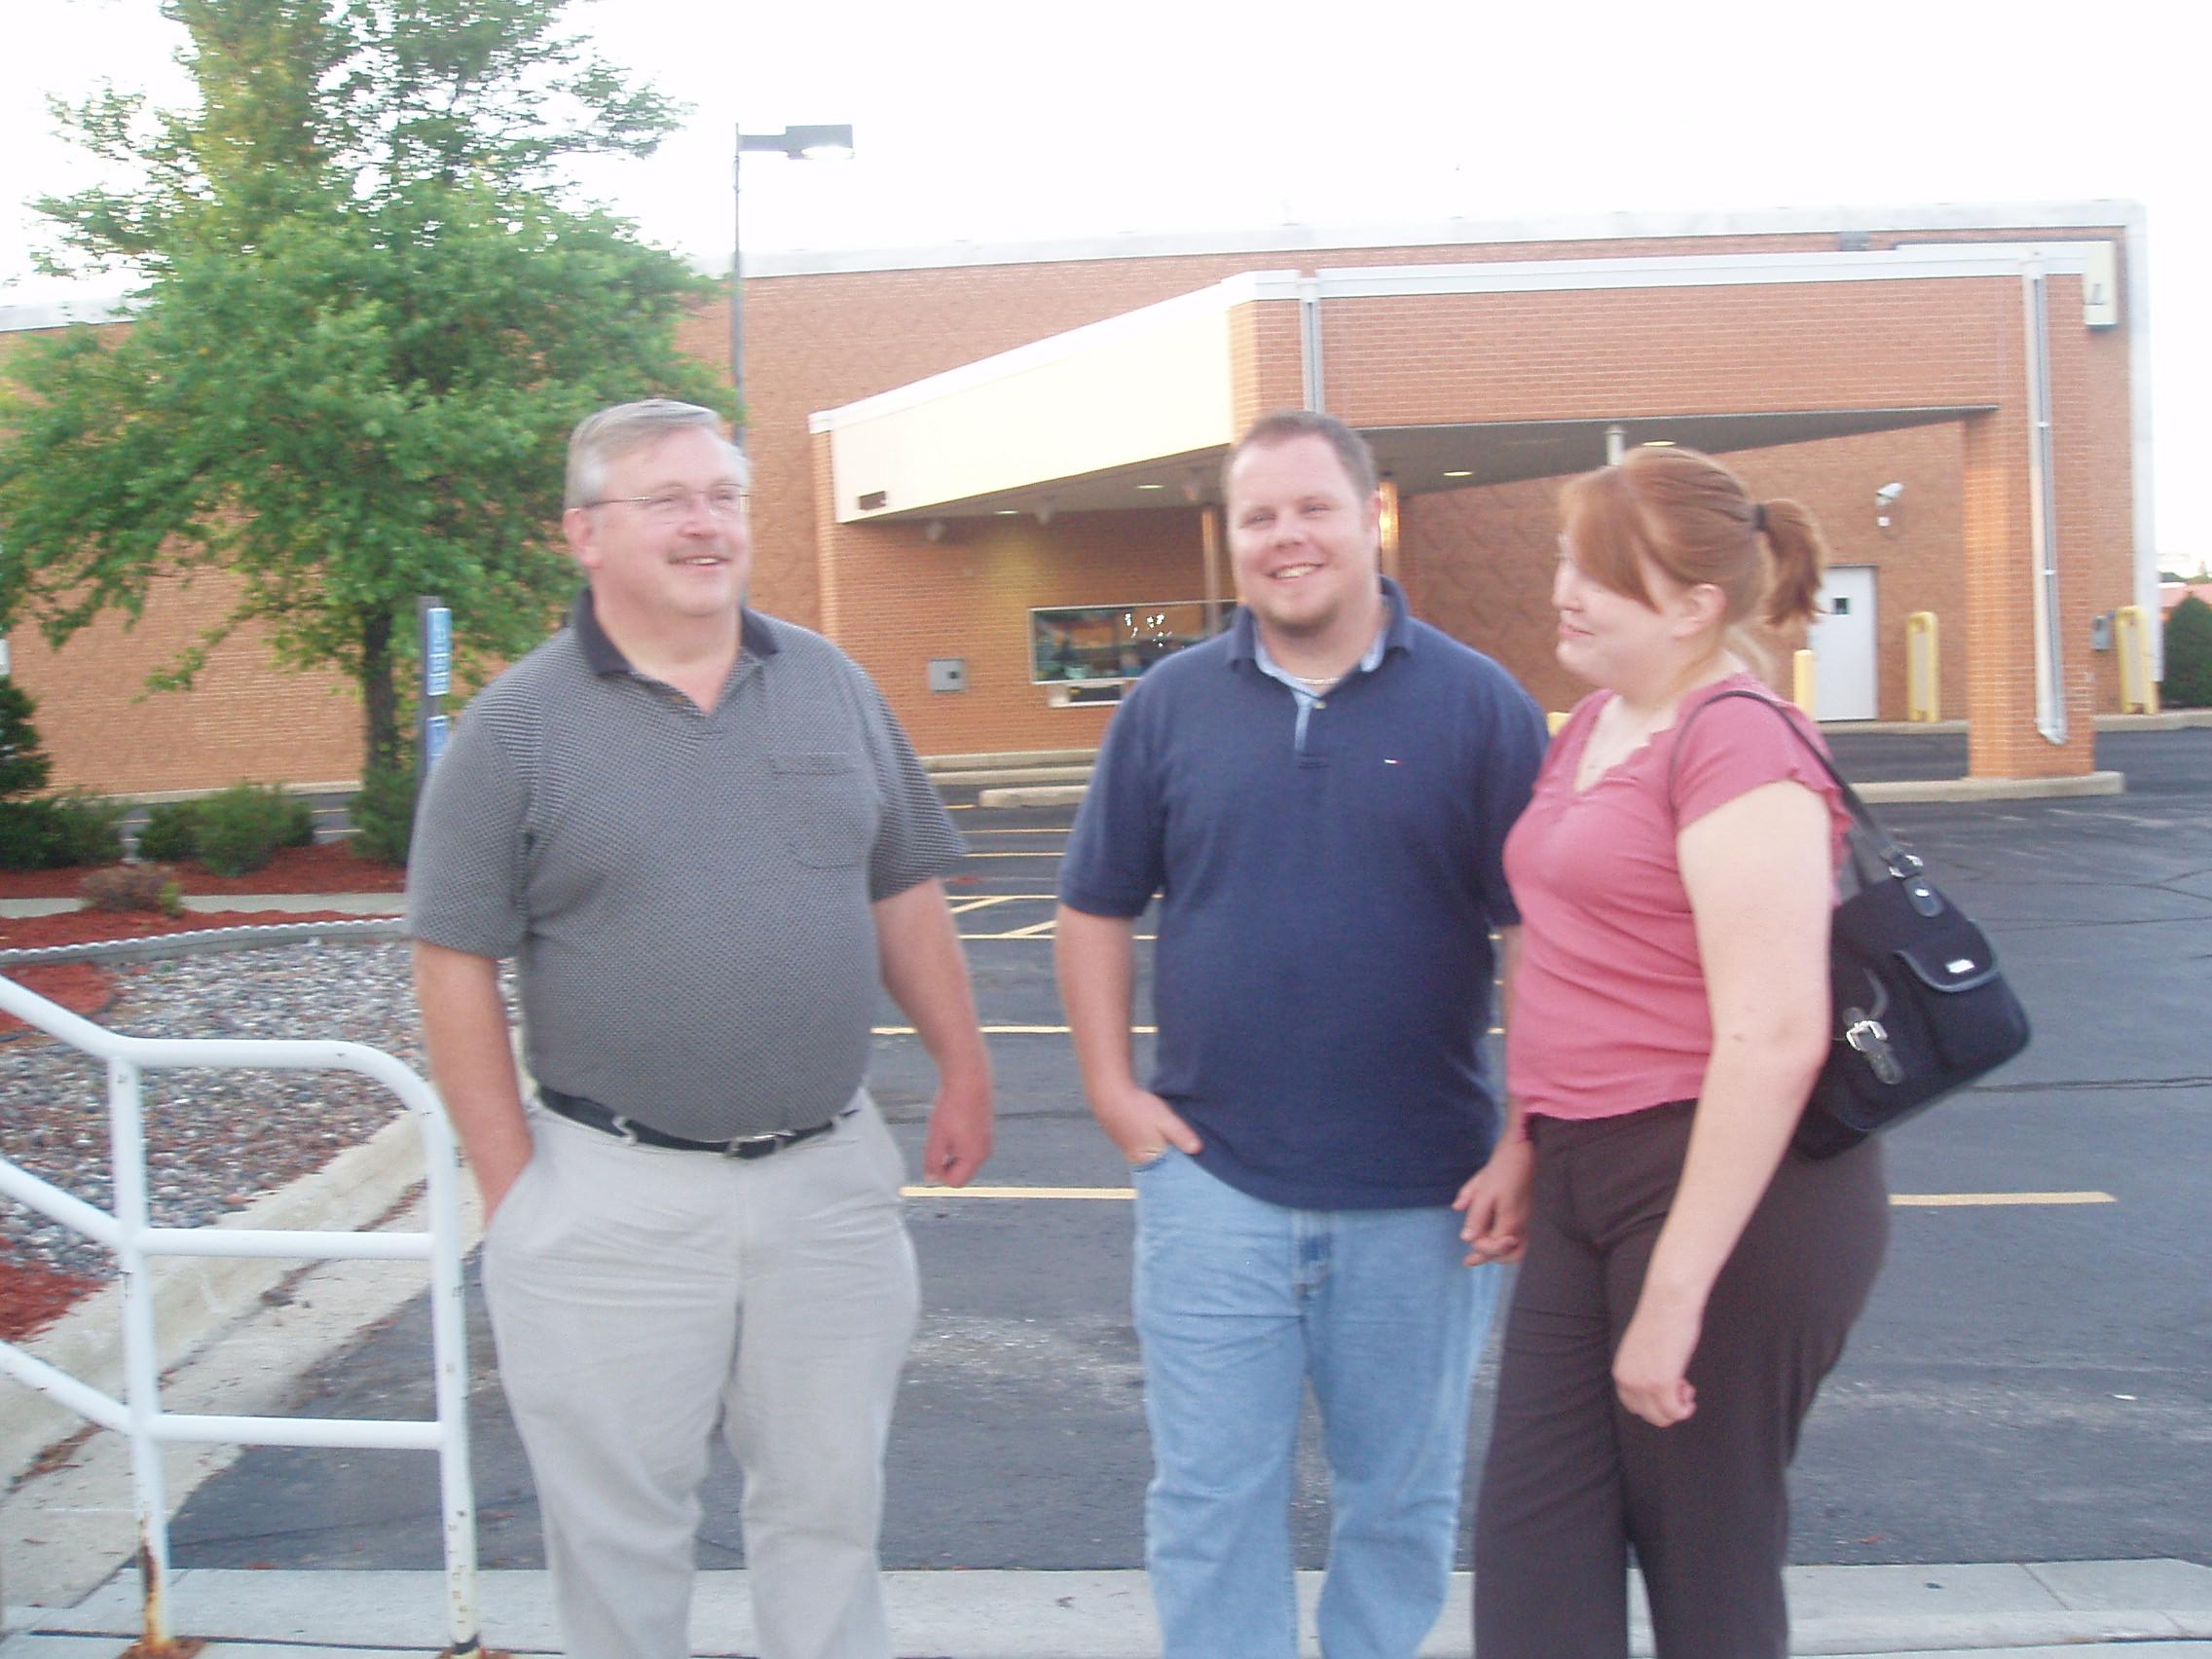 Bill Houchin, (Andrew) & Katie Houchin